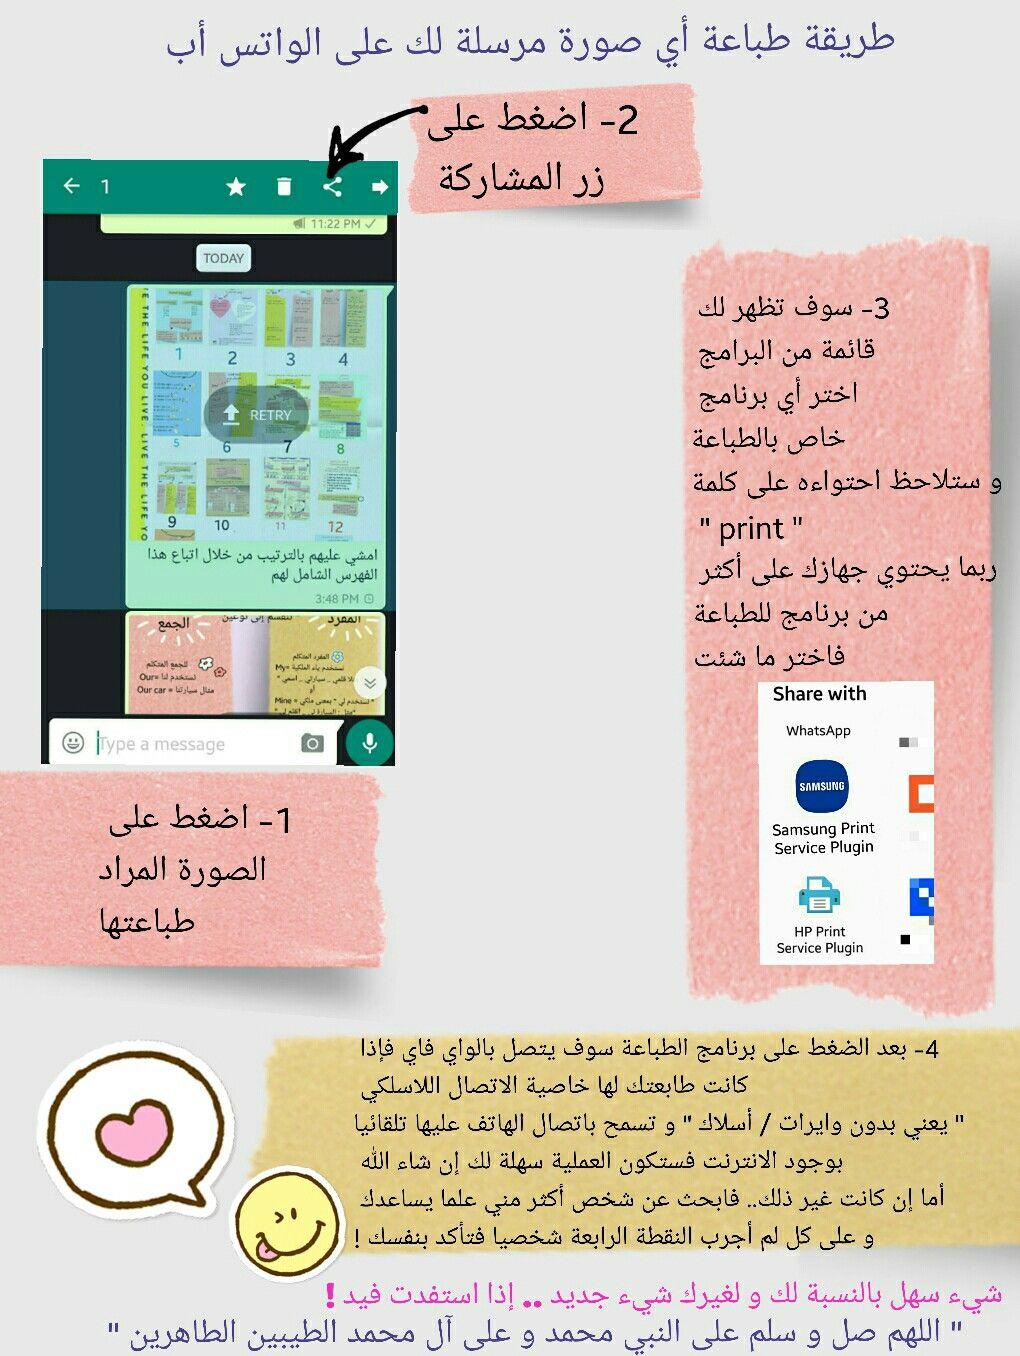 طريقة طباعة أي صورة مرسلة لك على الواتس اب Whats App Whatsapp Message Messages Print